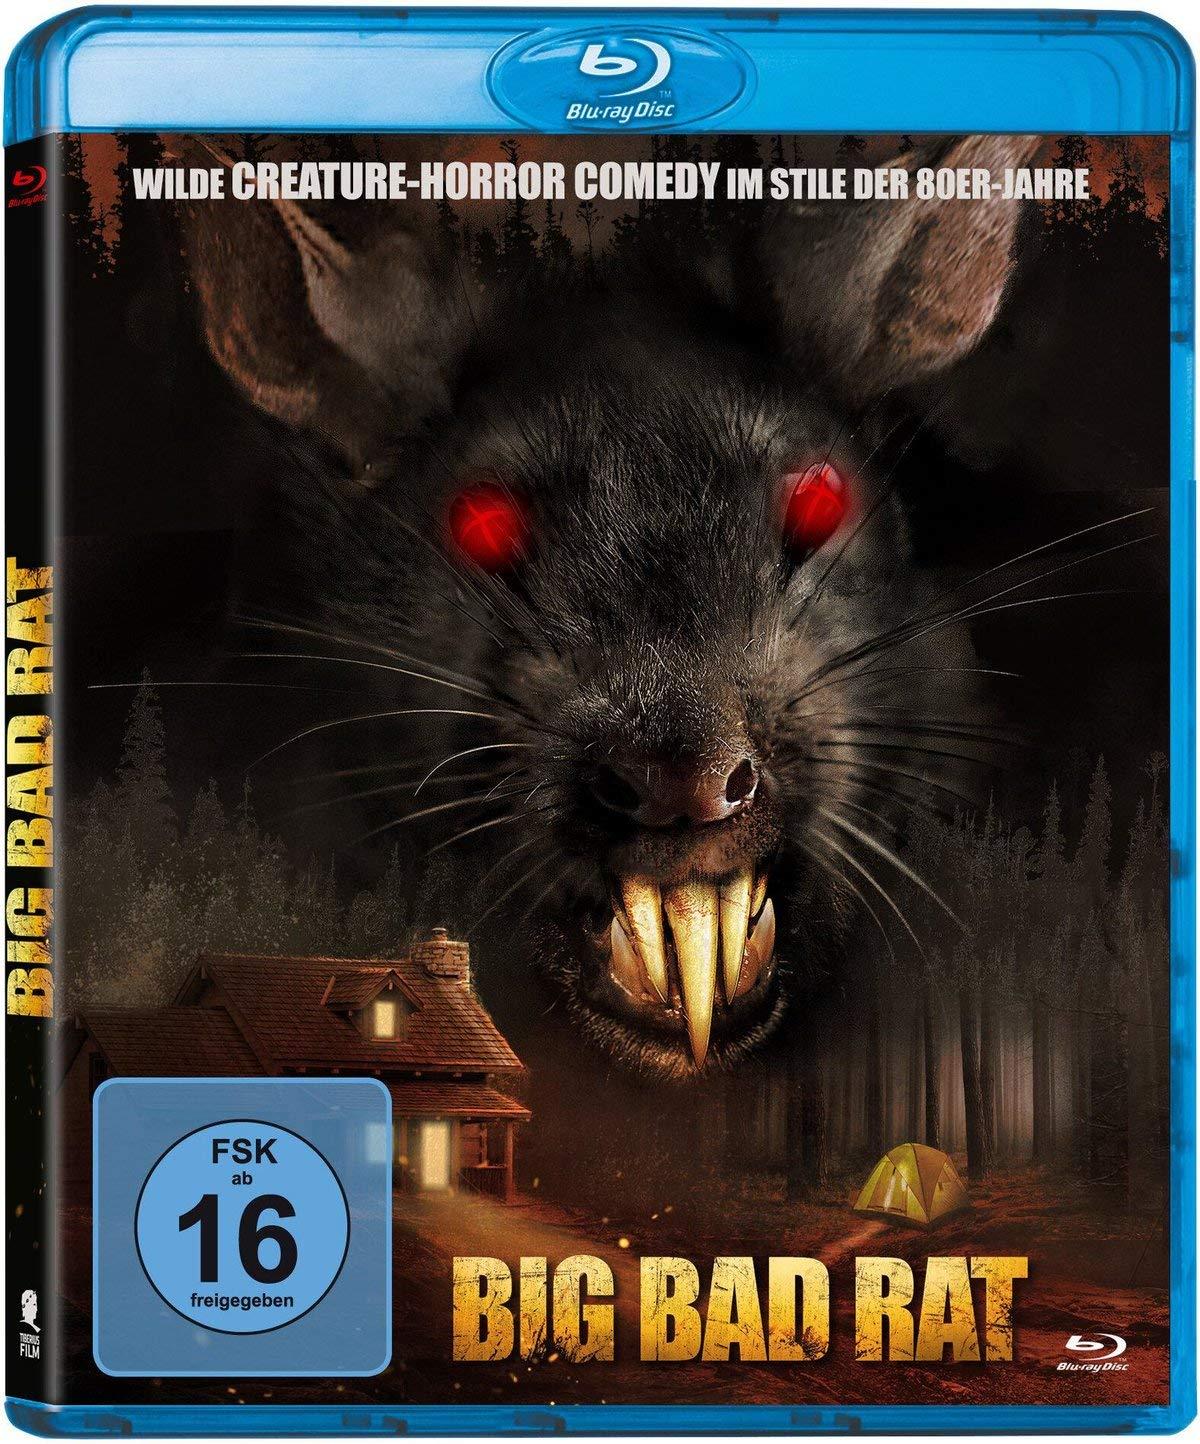 DVD/BD Veröffentlichungen 2021 - Seite 3 81Z3Bd8pGKL._SL1444_